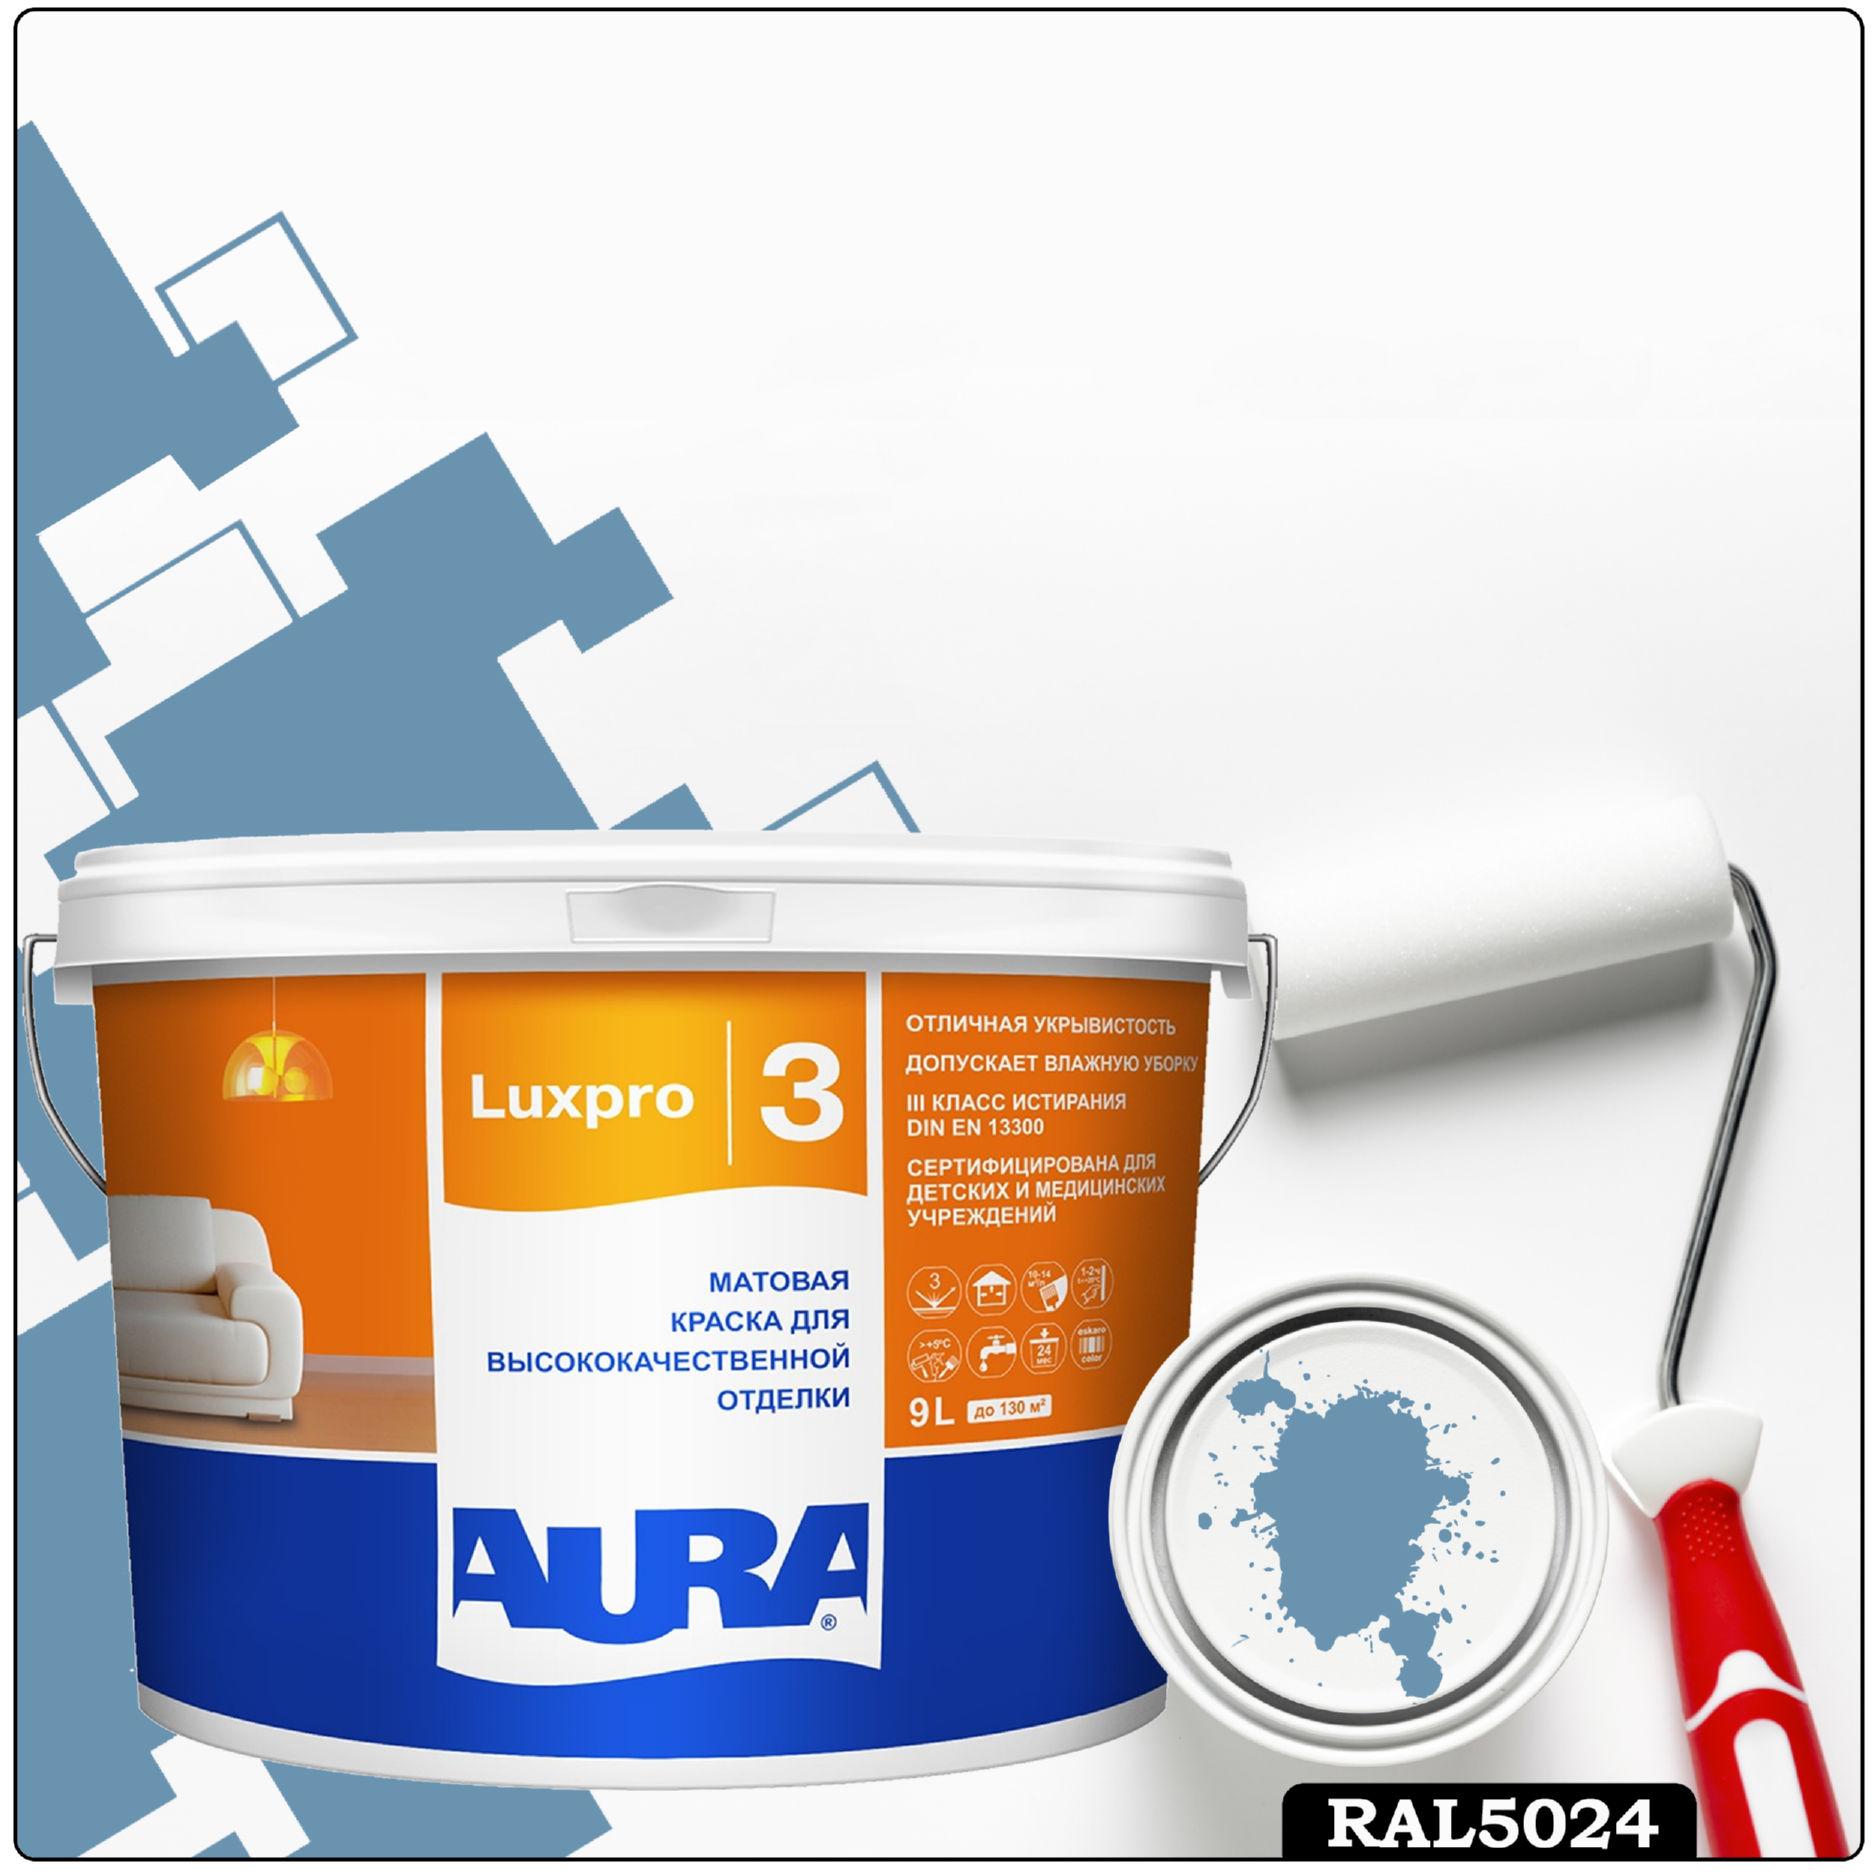 Фото 23 - Краска Aura LuxPRO 3, RAL 5024 Пастельно-синий, латексная, шелково-матовая, интерьерная, 9л, Аура.